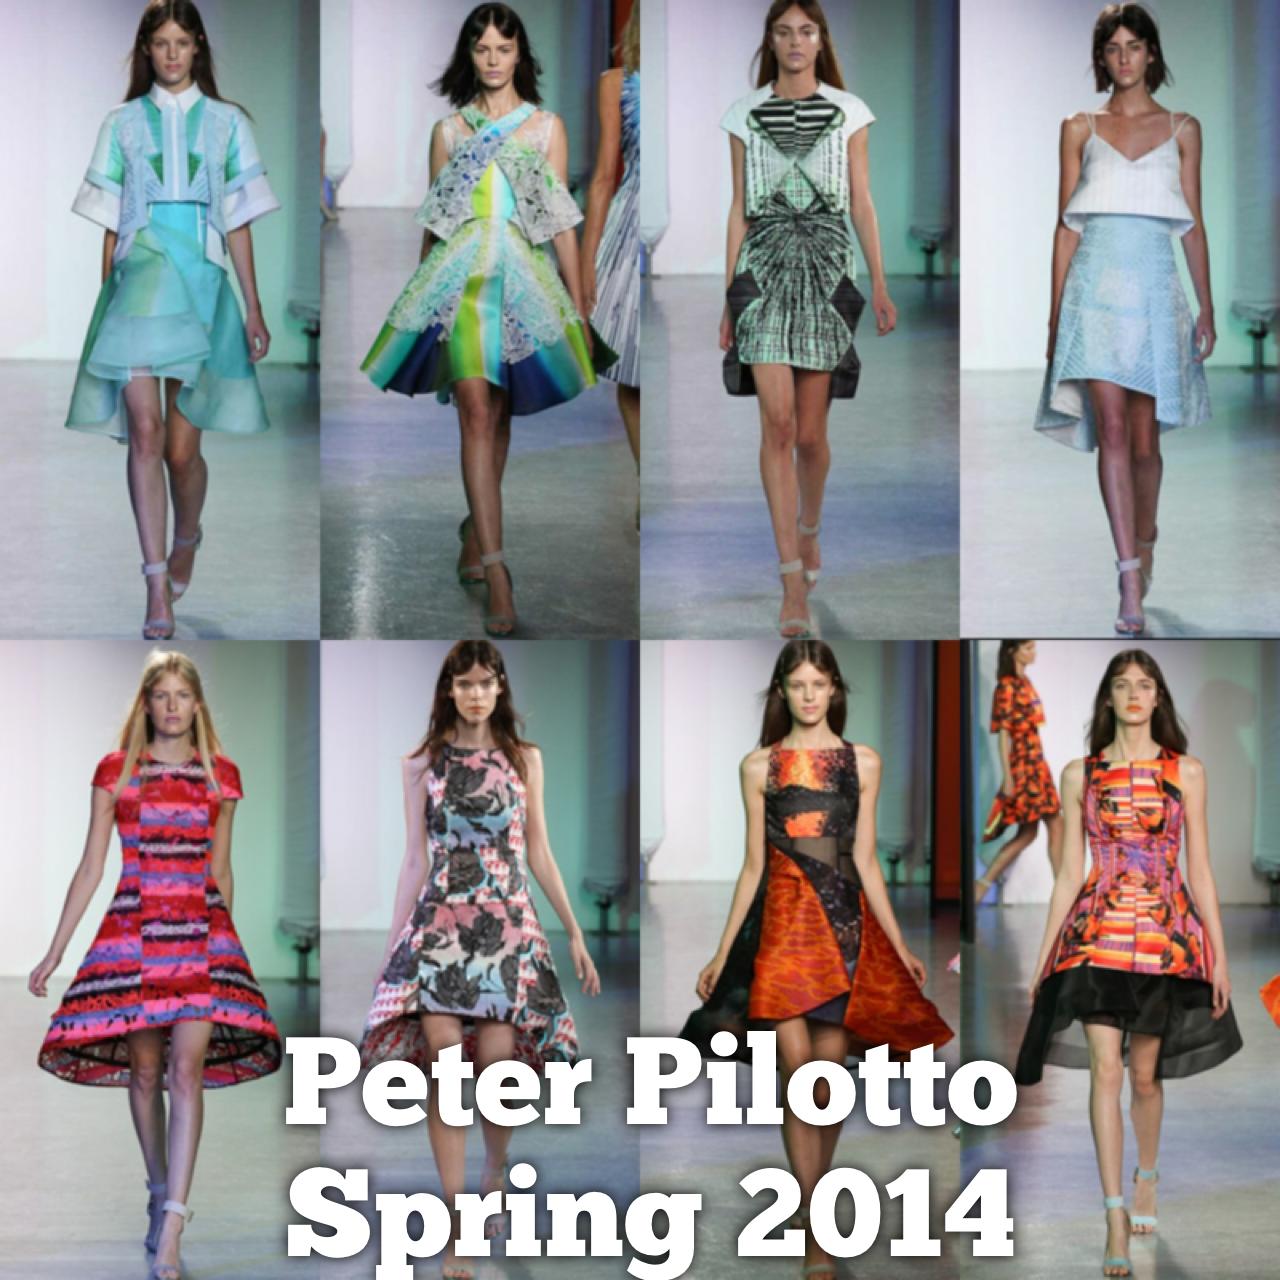 2014 Spring Peter Pilotto